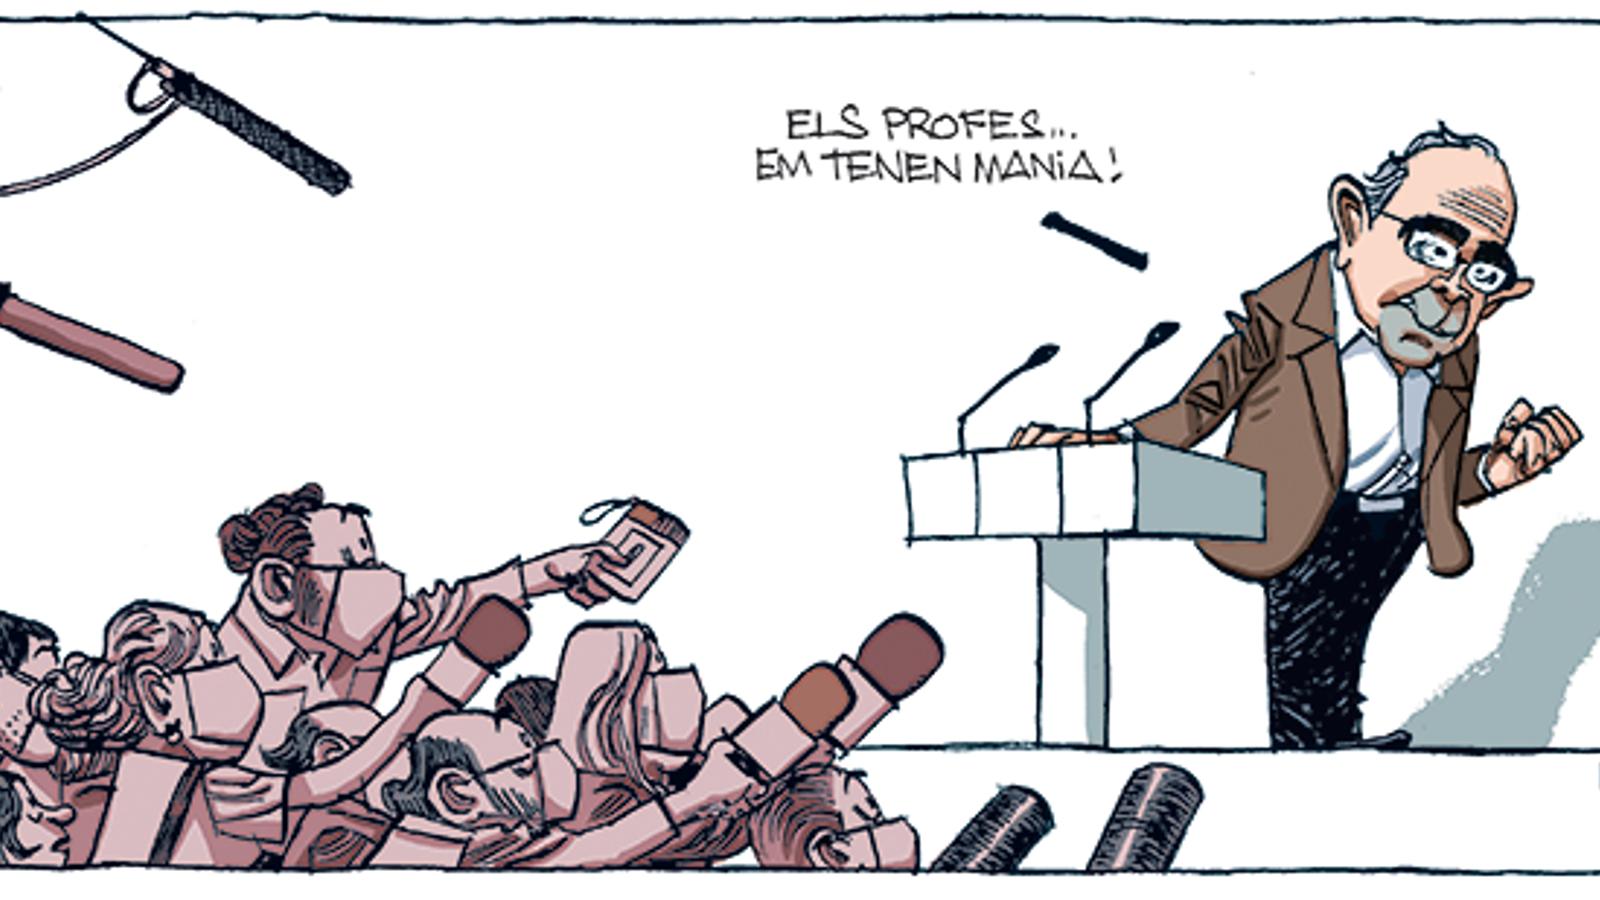 'A la contra', per Fontdevila 26/08/2020